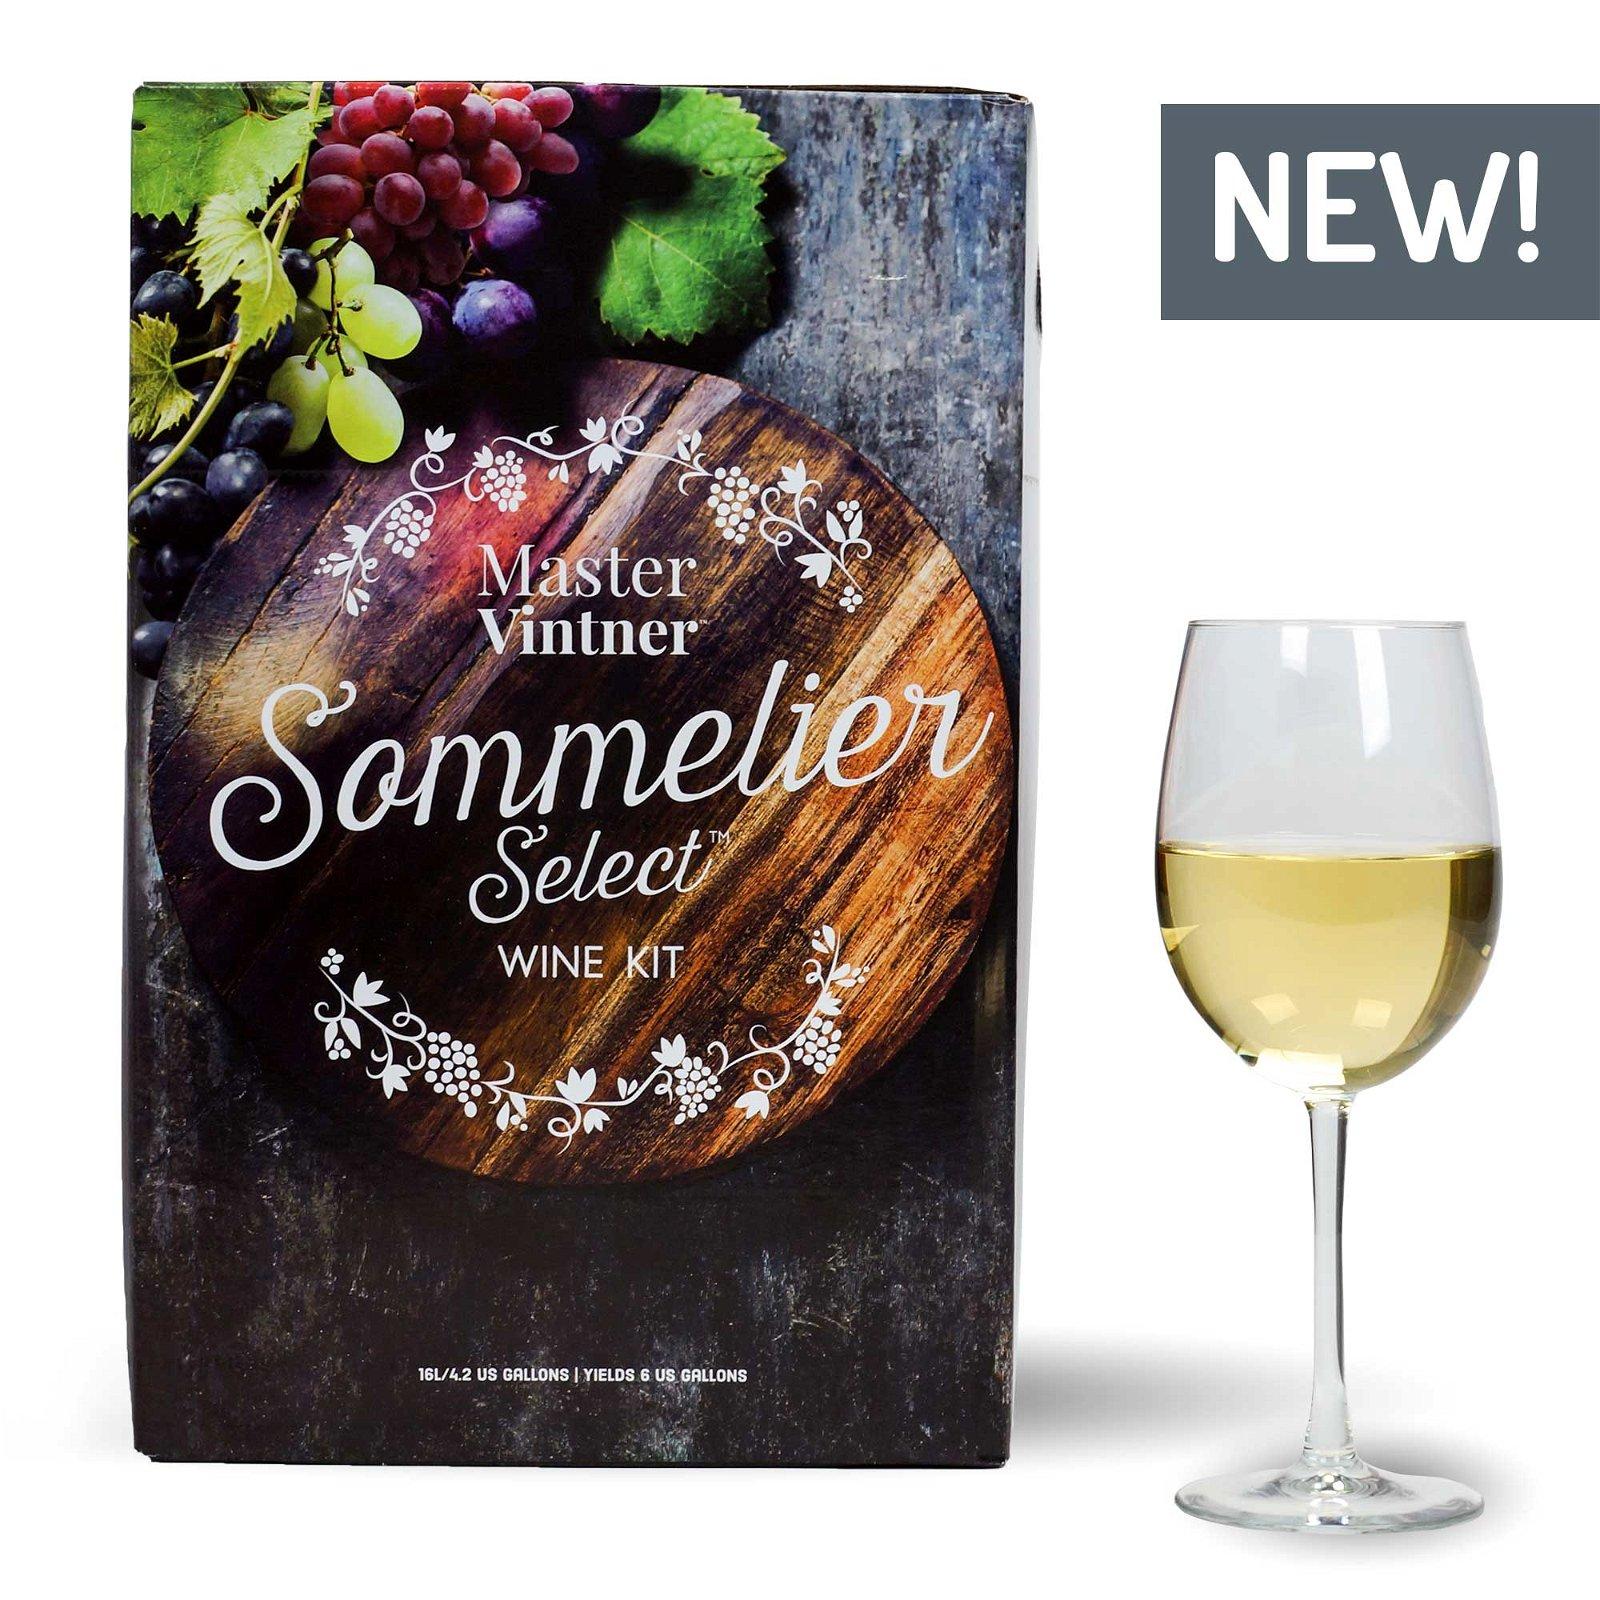 Master Vintner Pinot Grigio